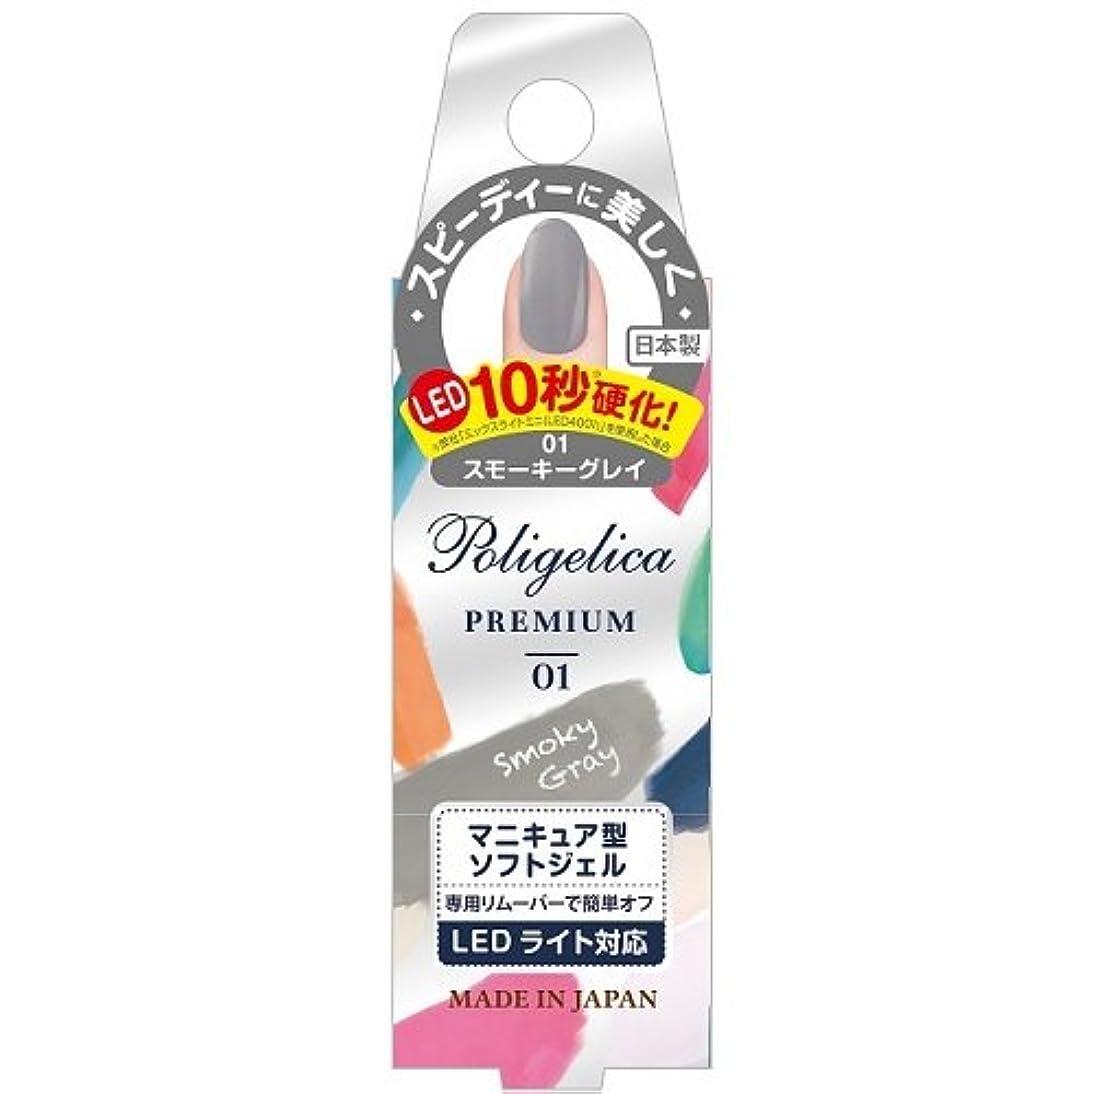 工場高潔な許すBW ポリジェリカプレミアム カラージェル 1001/スモーキーグレイ (6g)